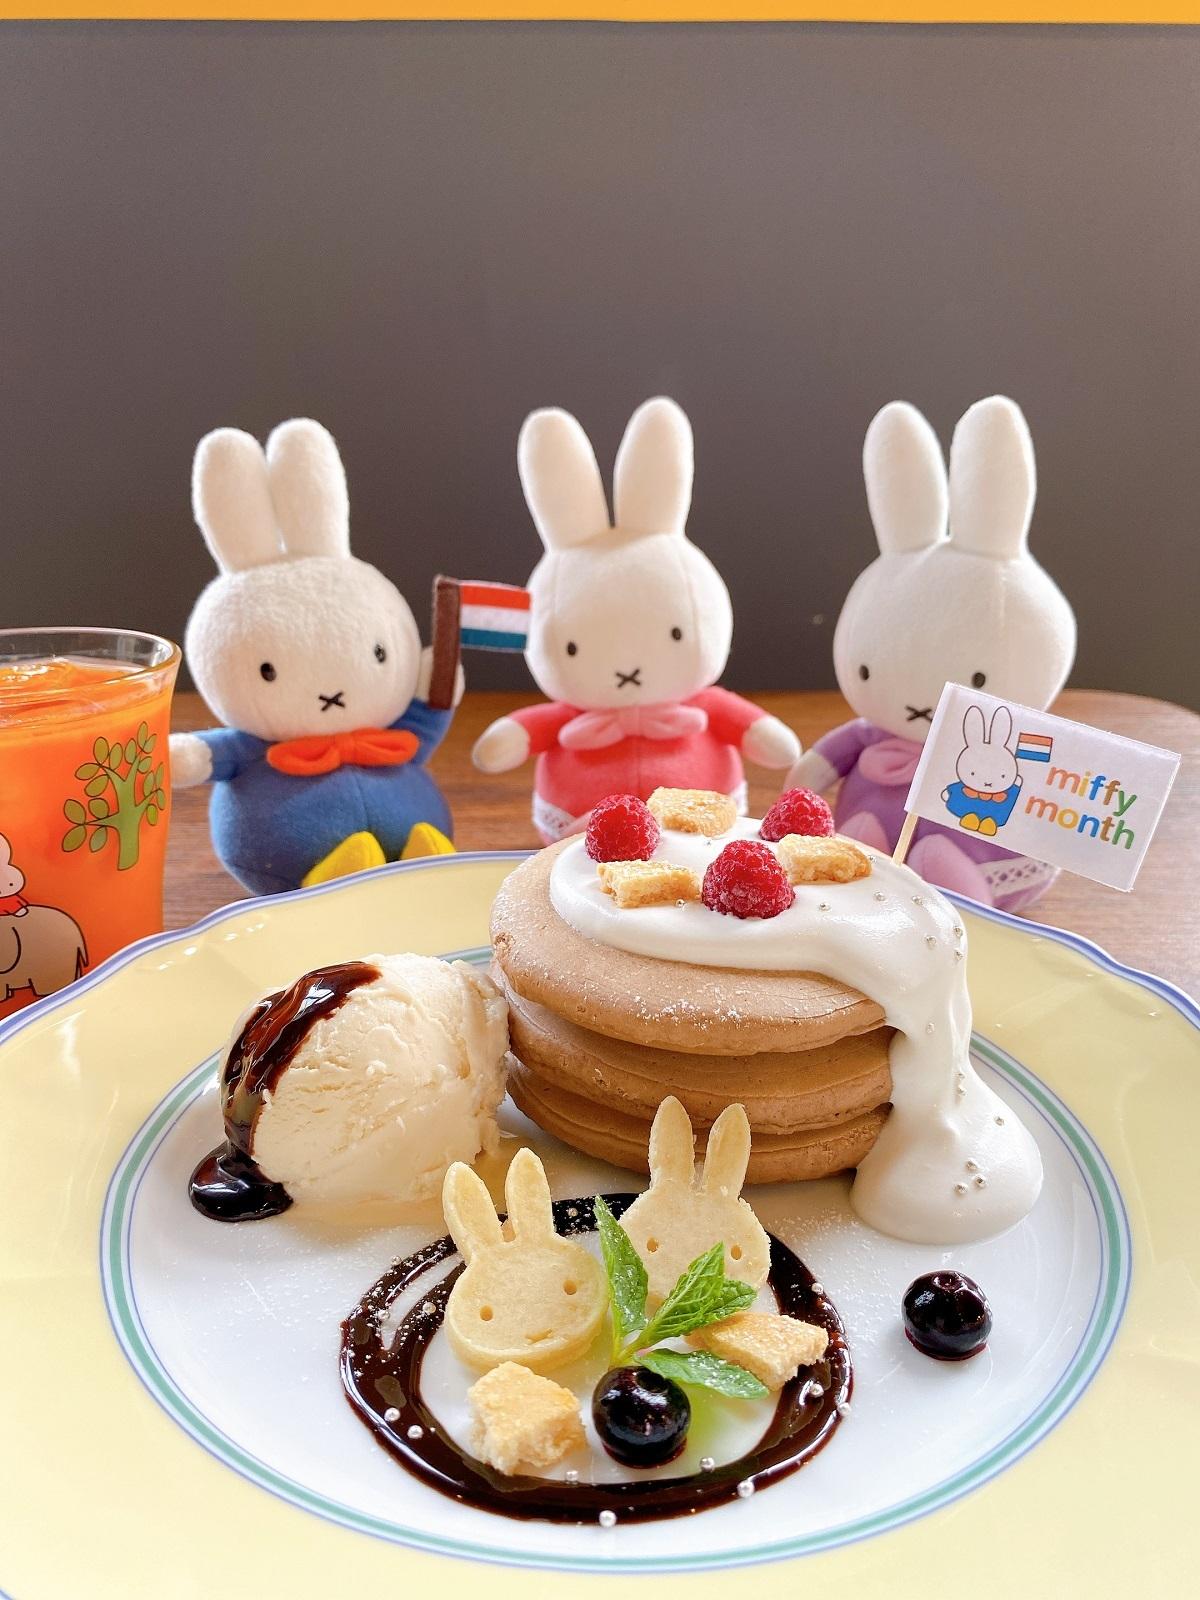 ミッフィーのお誕生日ケーキセット(ドリンク付き)